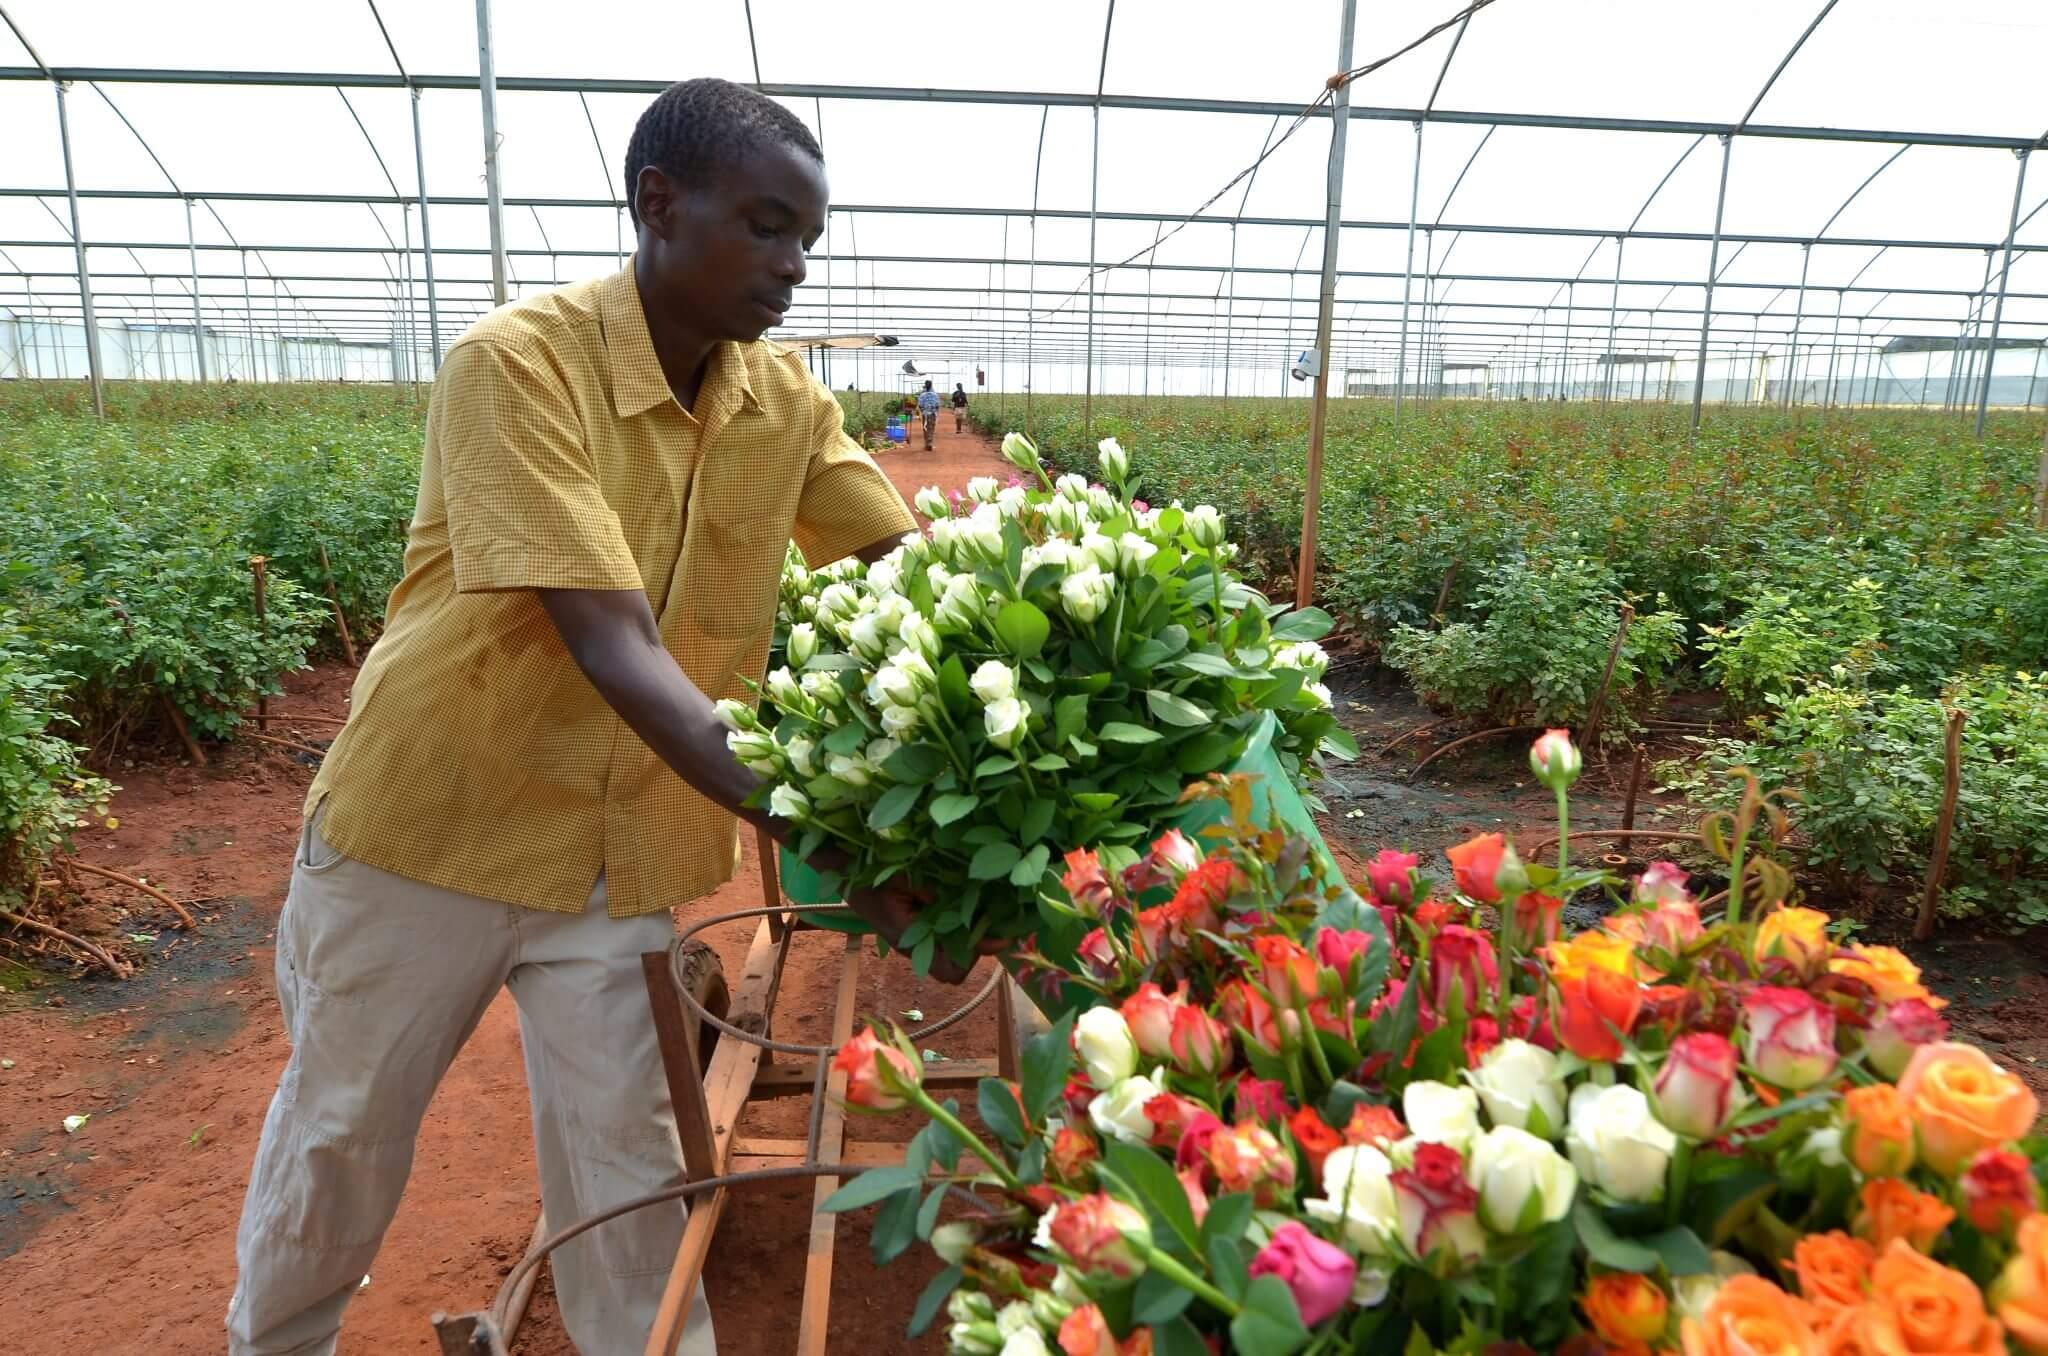 кениец собирает розу